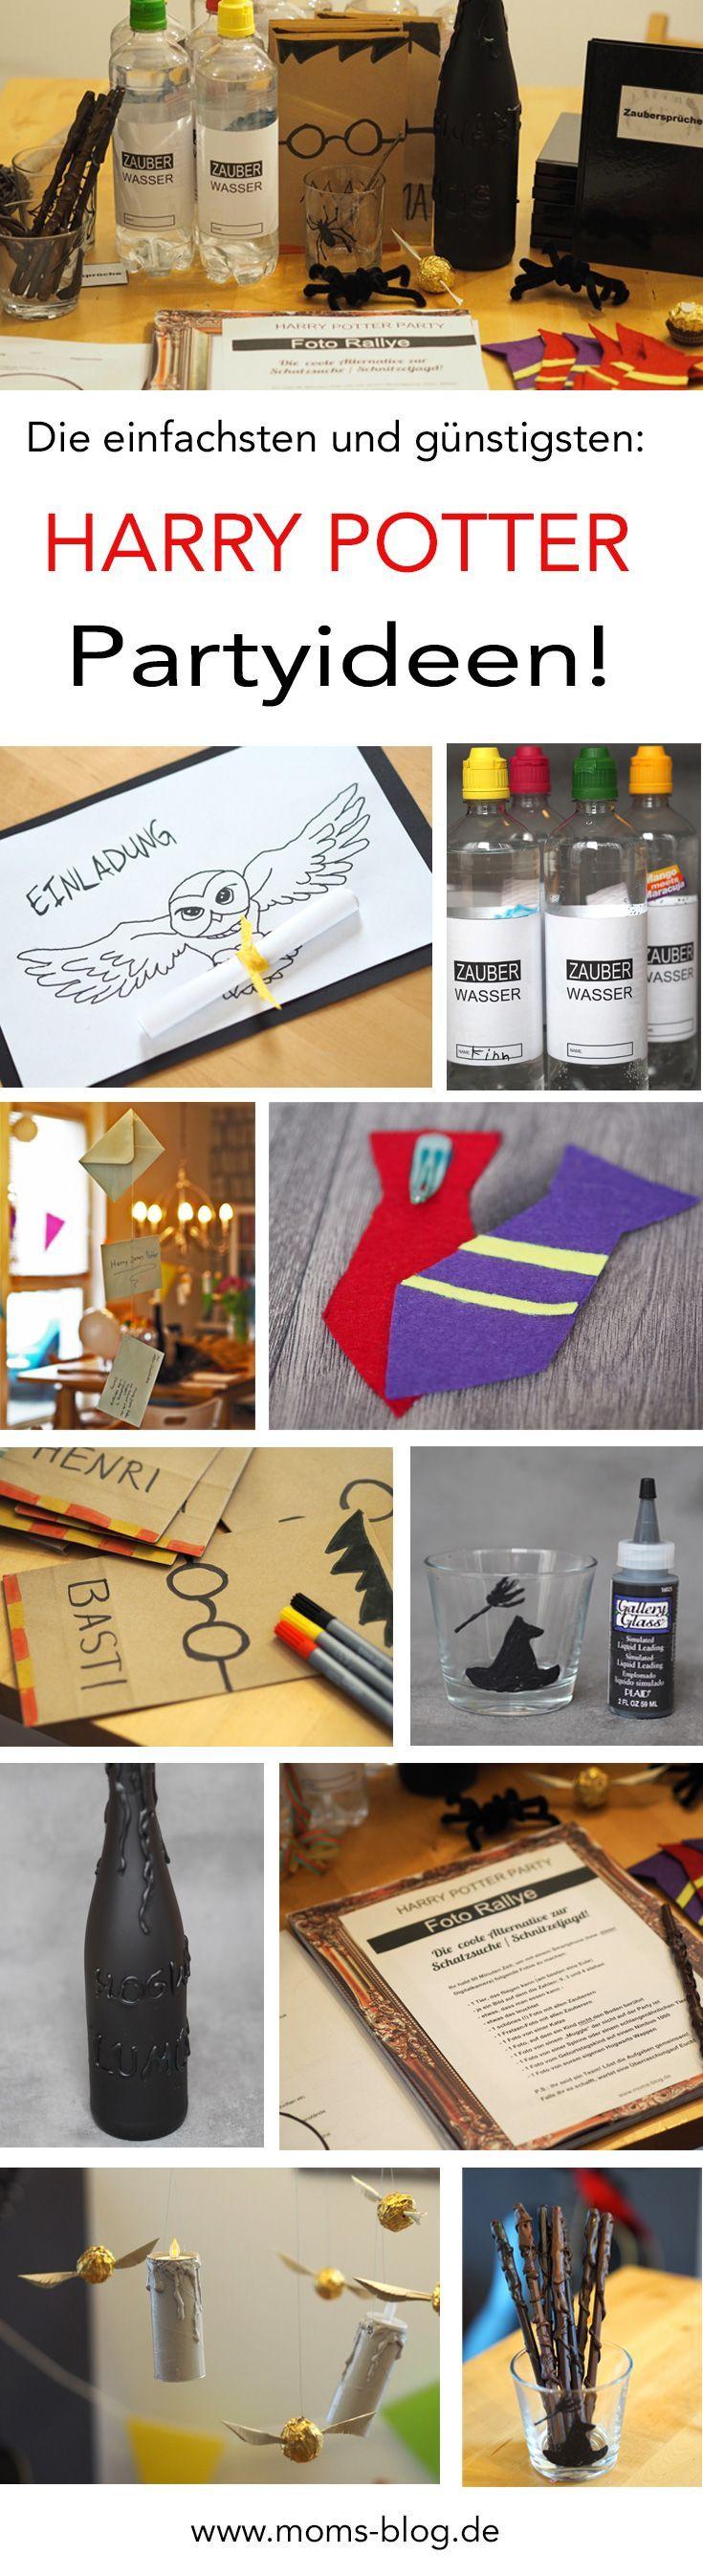 Die einfachsten, günstigsten & coolsten DIY Ideen für einen Harry Potter Kindergeburtstag bzw. eine Harry Potter Party! http://www.moms-blog.de